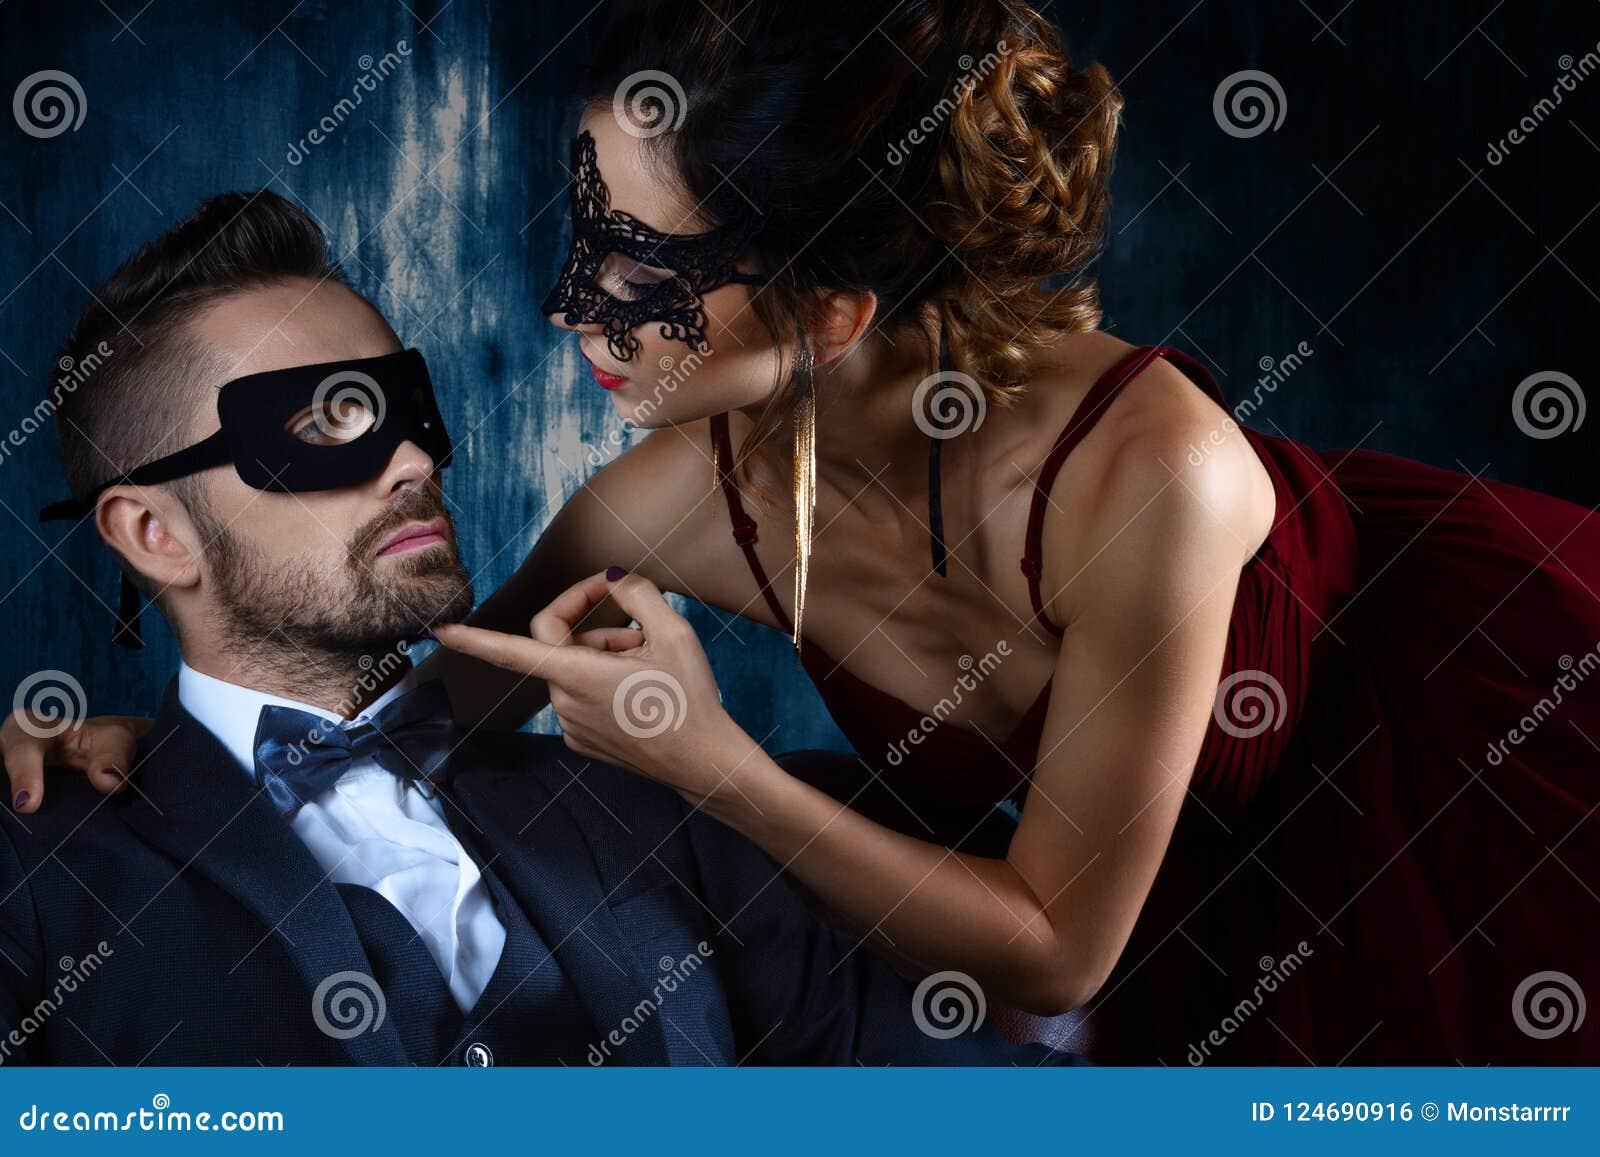 datazione di un uomo ricco consigli buone idee per il profilo di dating online